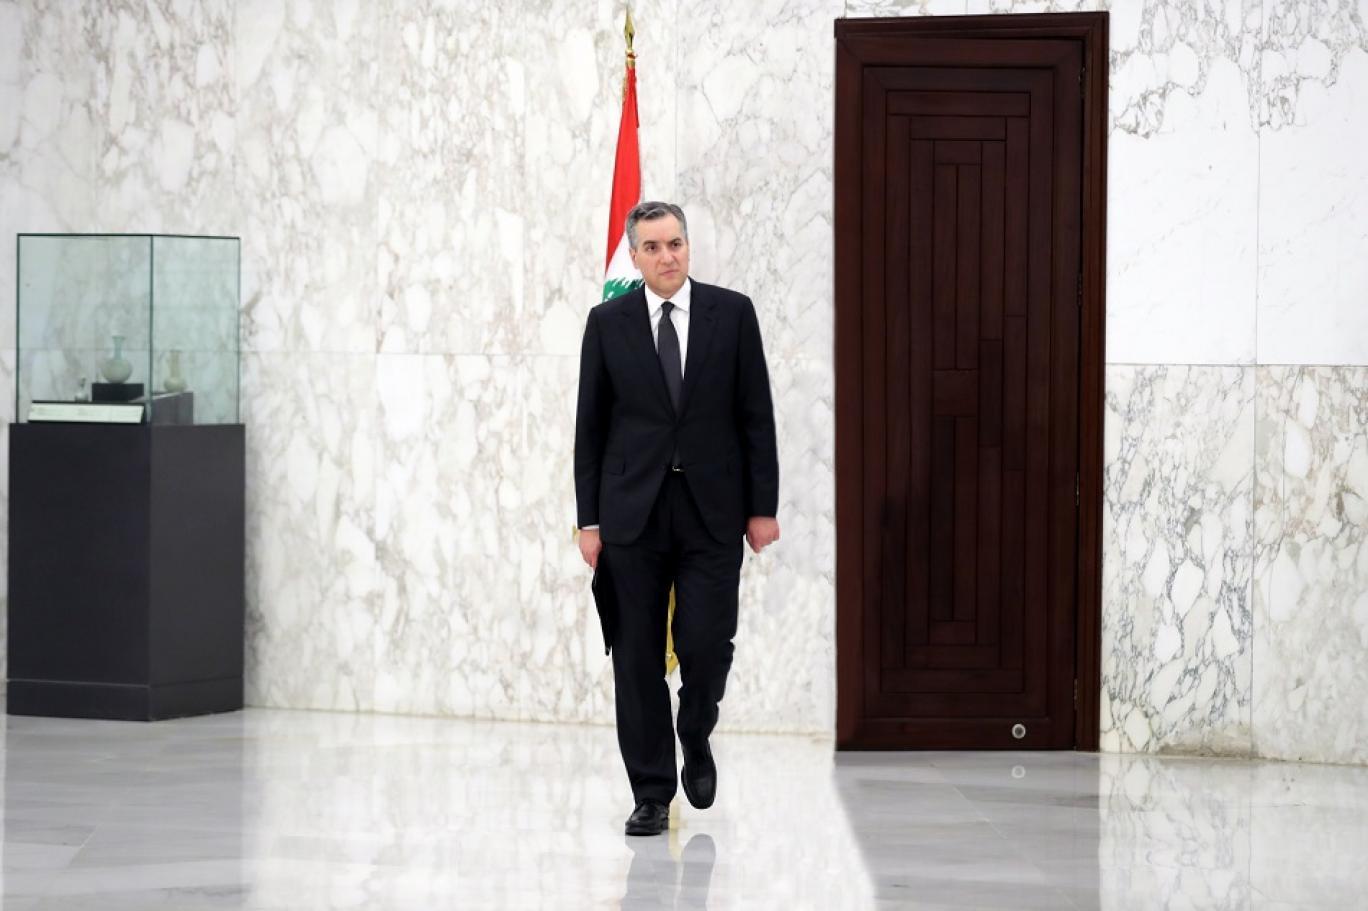 الدكتور مصطفى أديب رئيس الوزراء المكلف في لبنان